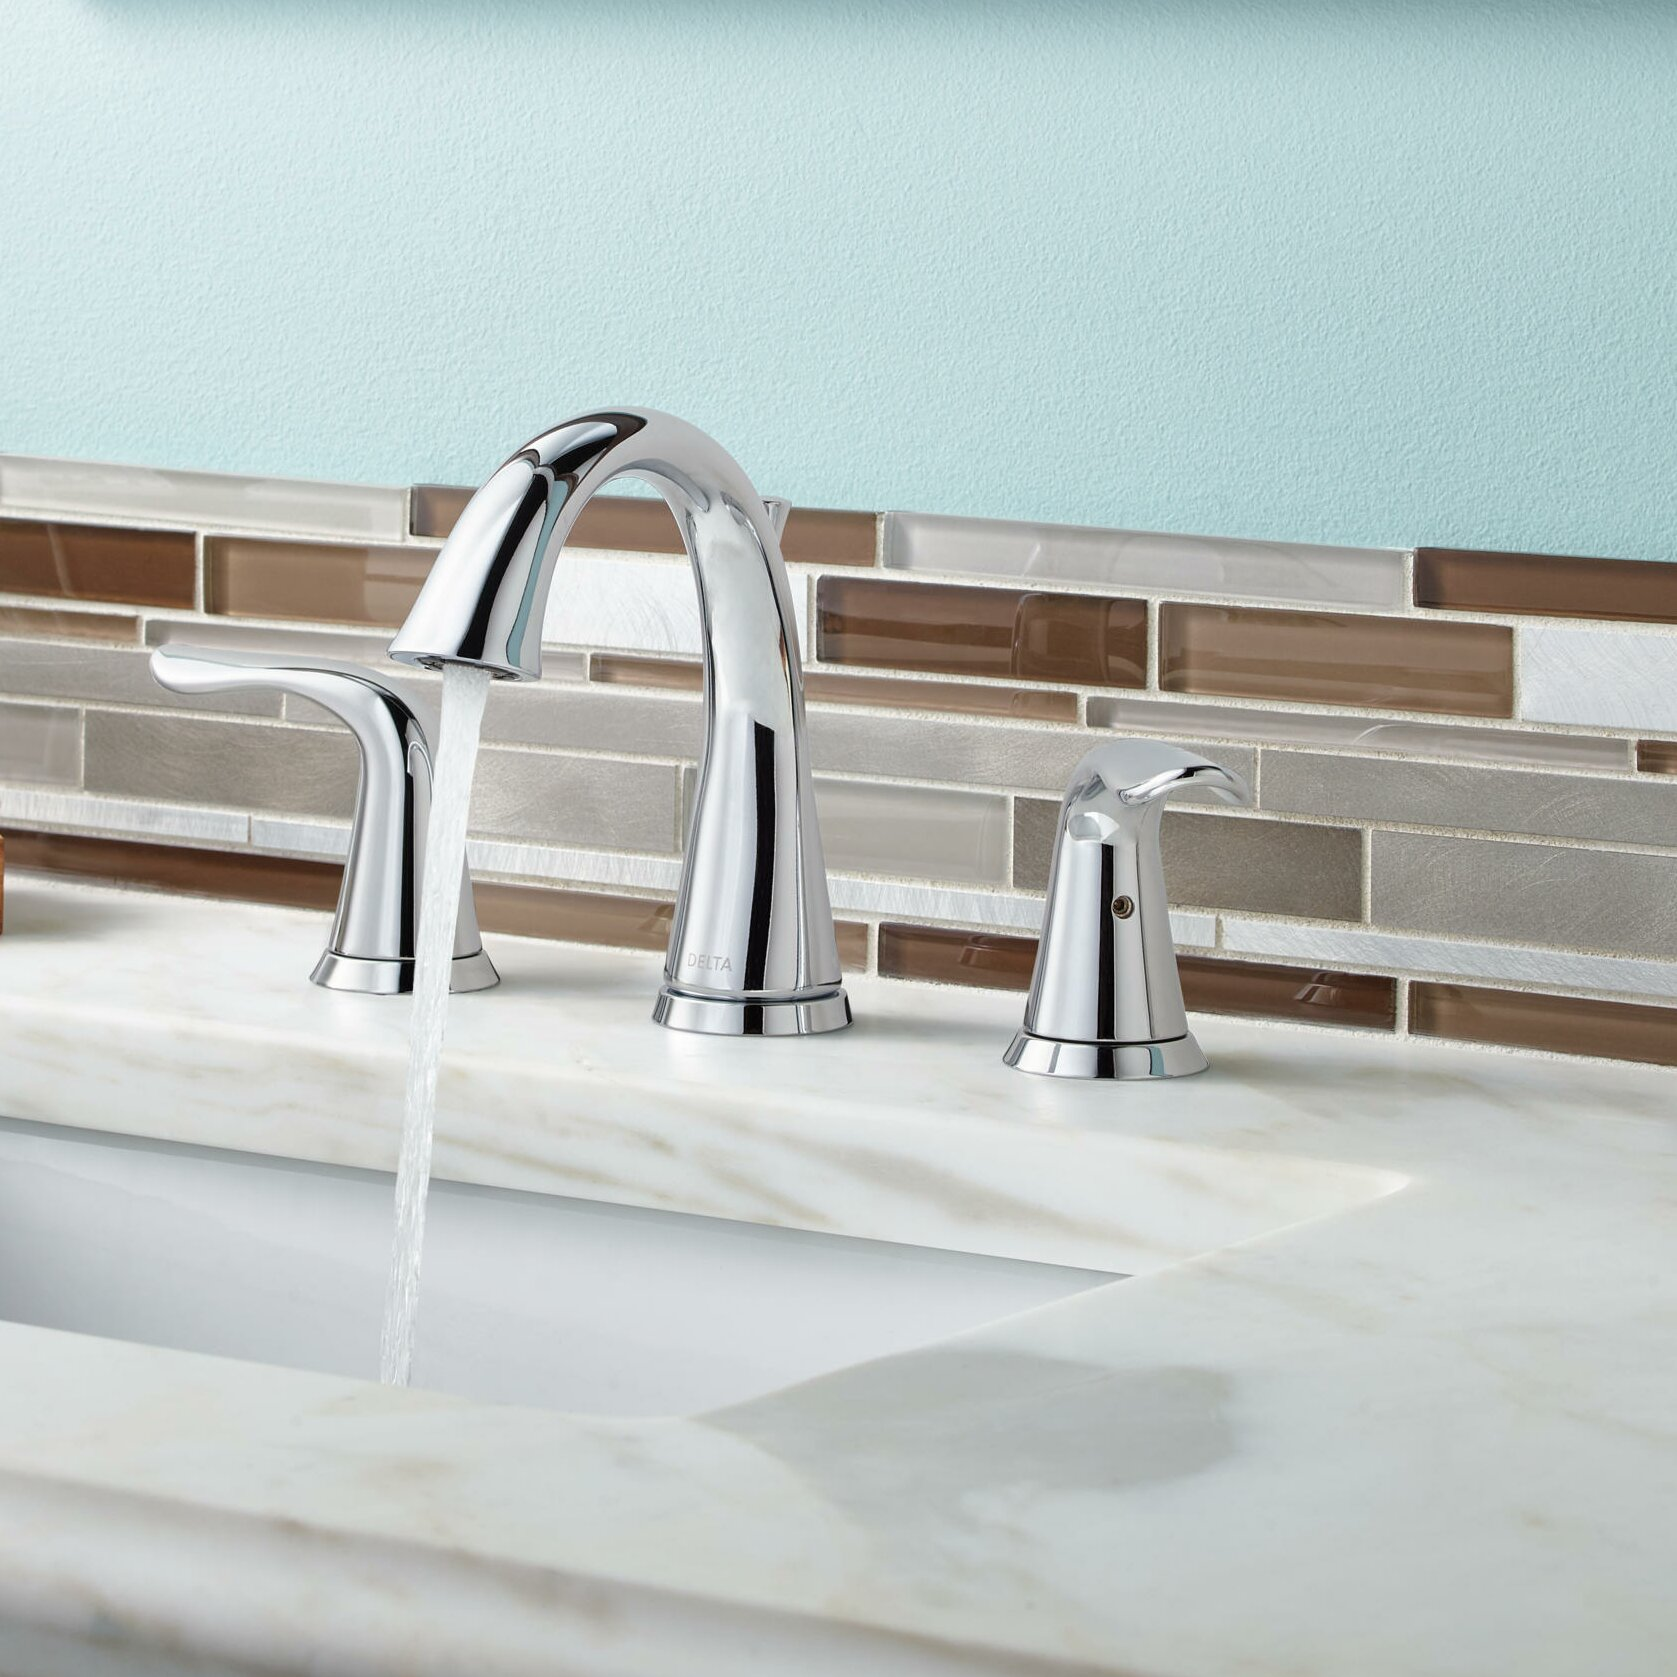 Delta Lahara Double Handle Widespread Bathroom Faucet Reviews Wayfair